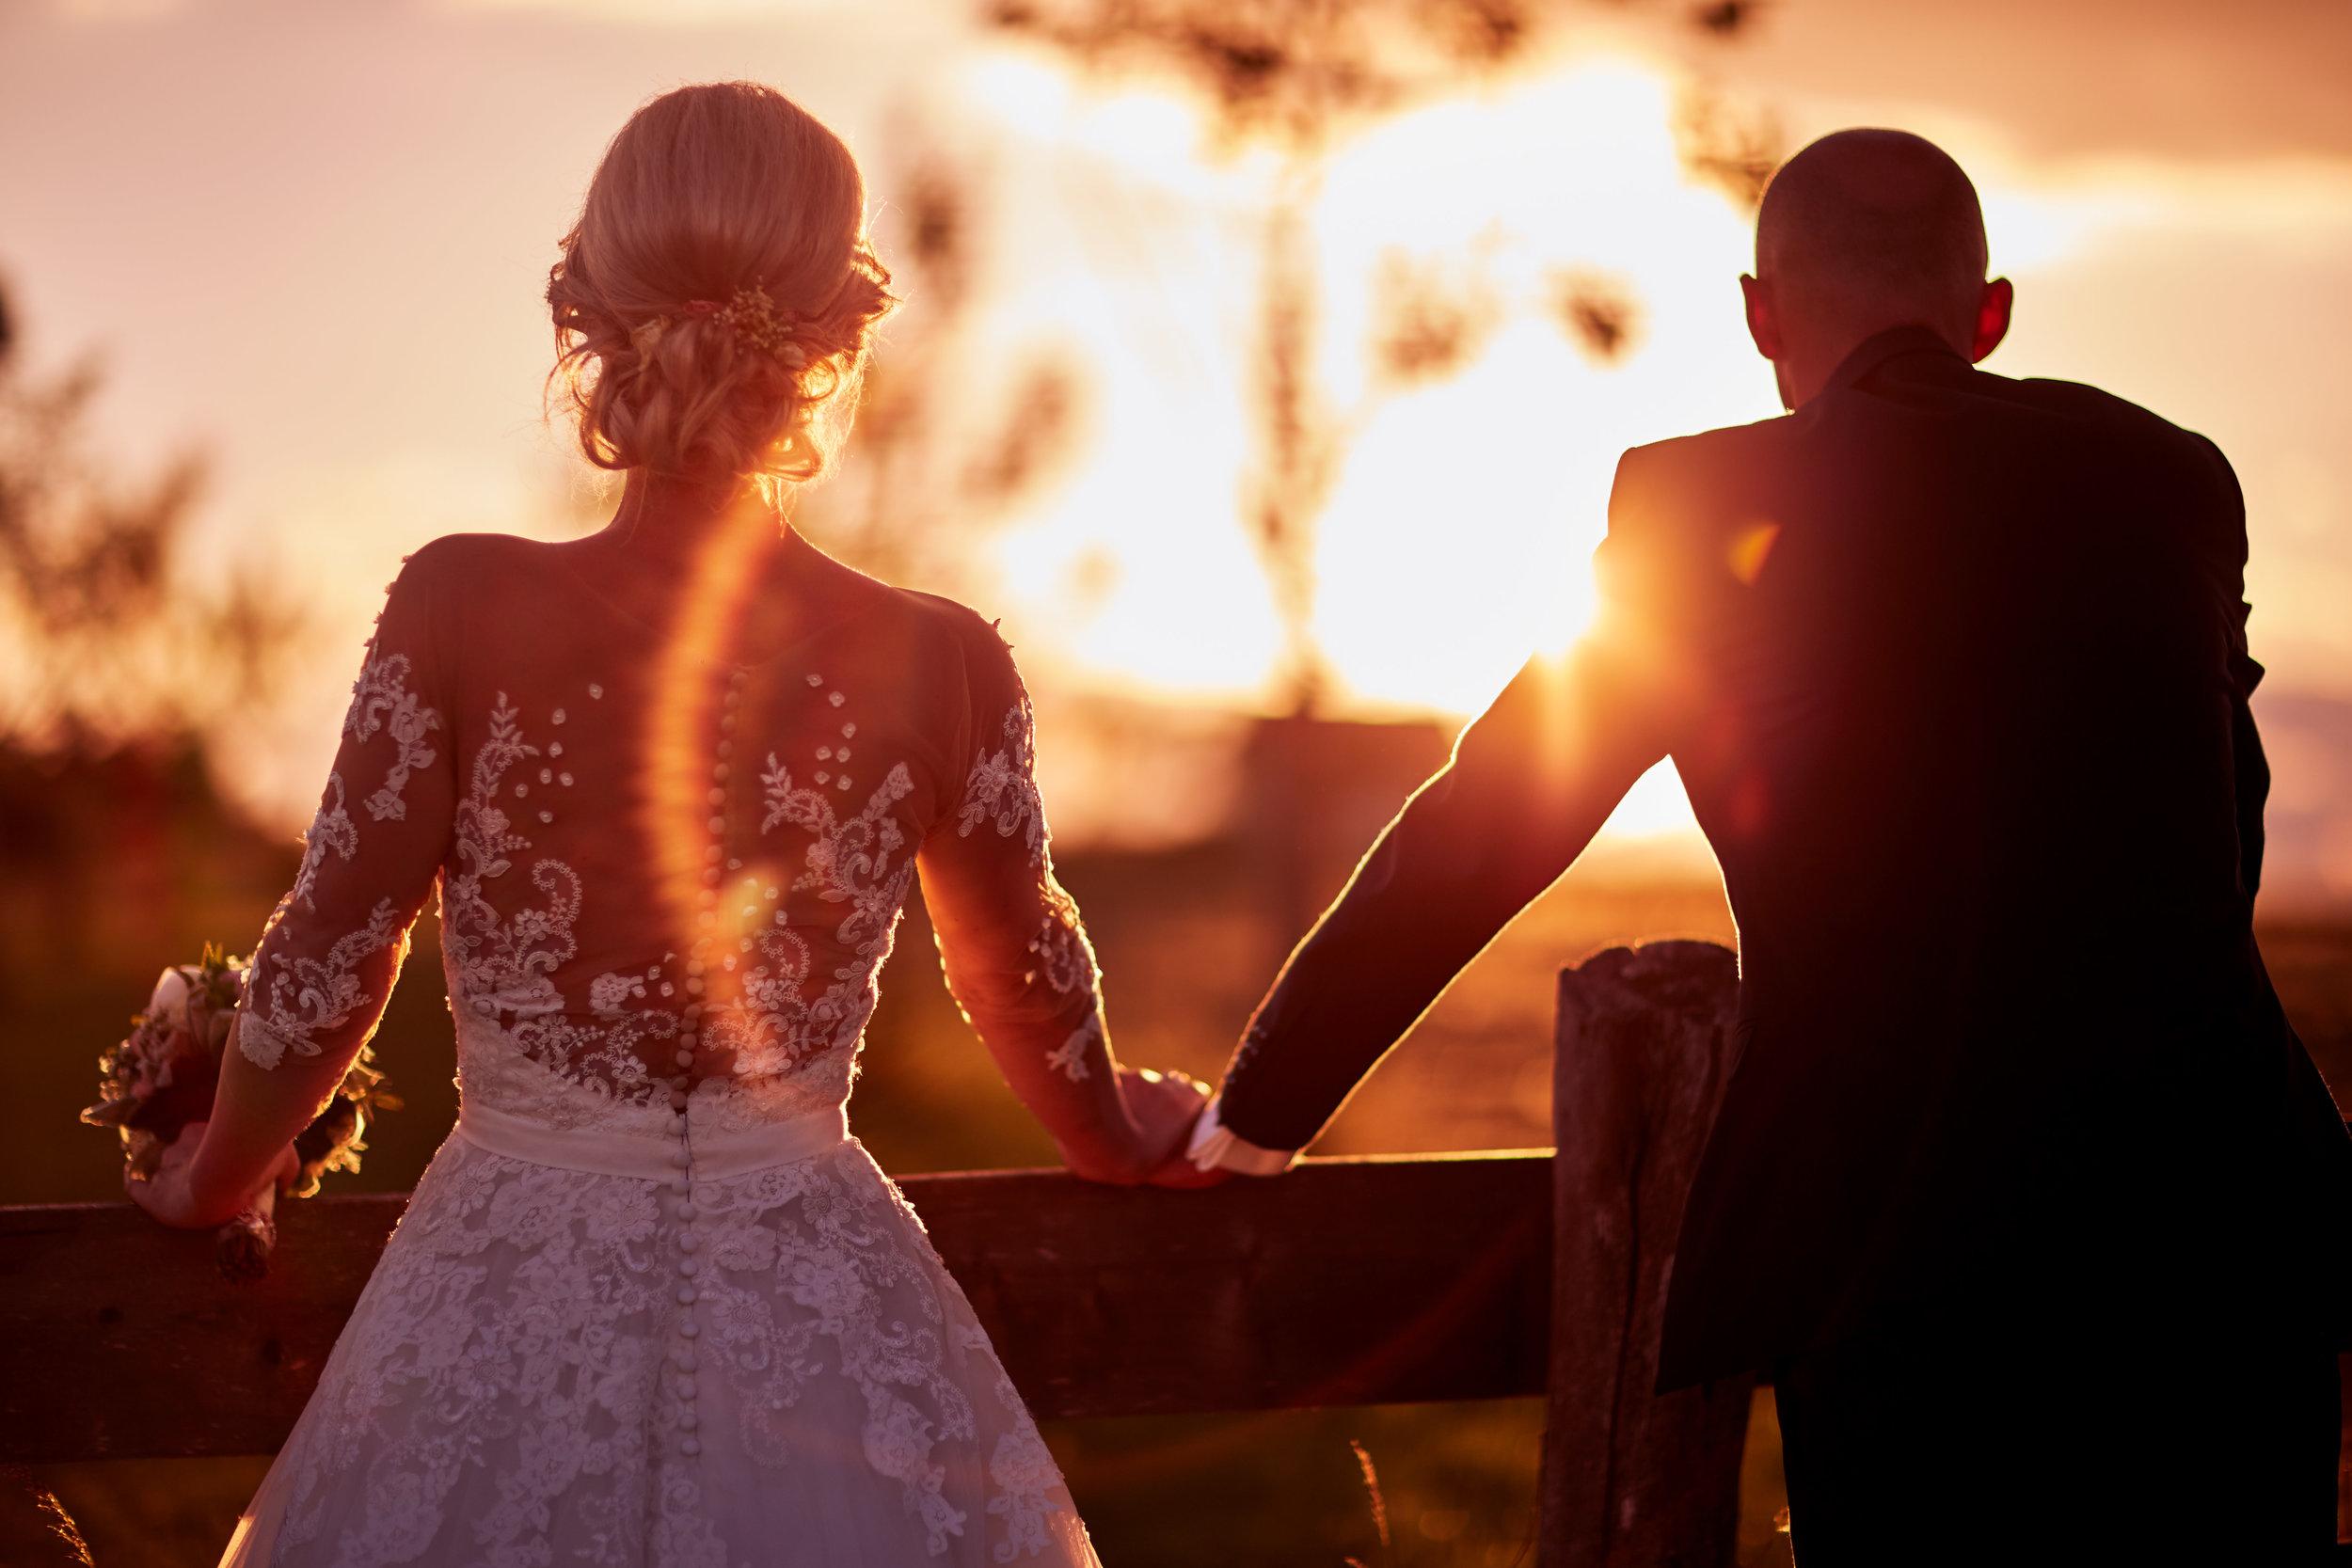 Hochzeitsfoto von Hochzeitspaar von hinten im Gegenlicht